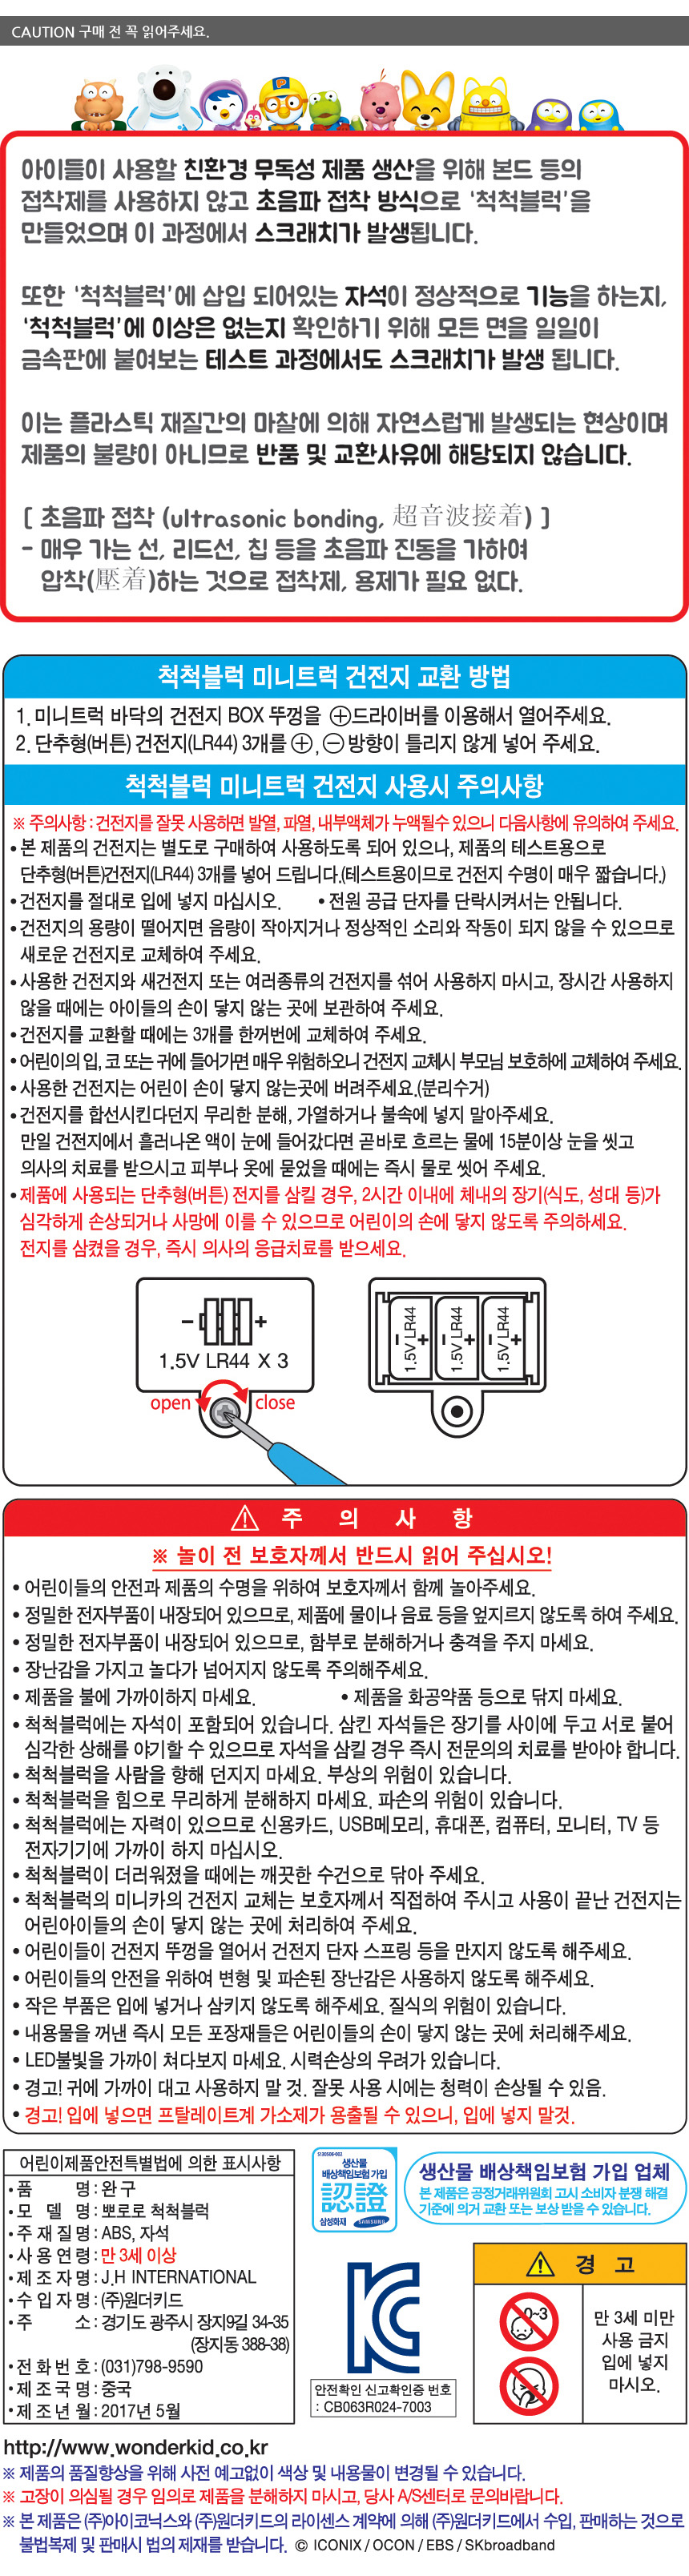 pororo_magnet_block7.jpg